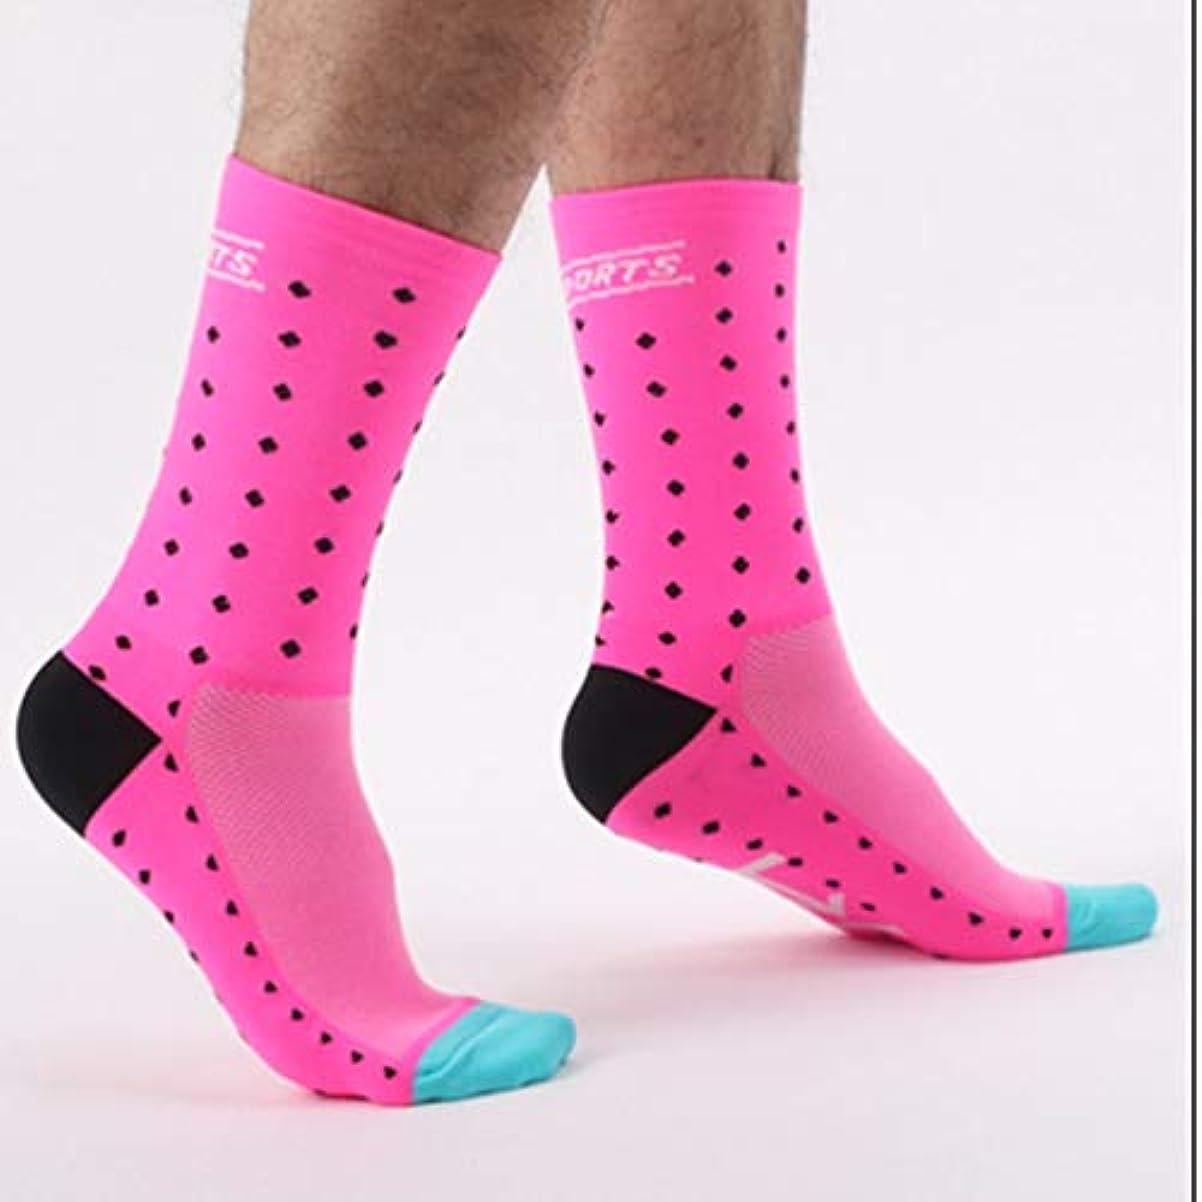 脊椎深遠征服者DH04快適なファッショナブルな屋外サイクリングソックス男性女性プロの通気性スポーツソックスバスケットボールソックス - ピンク